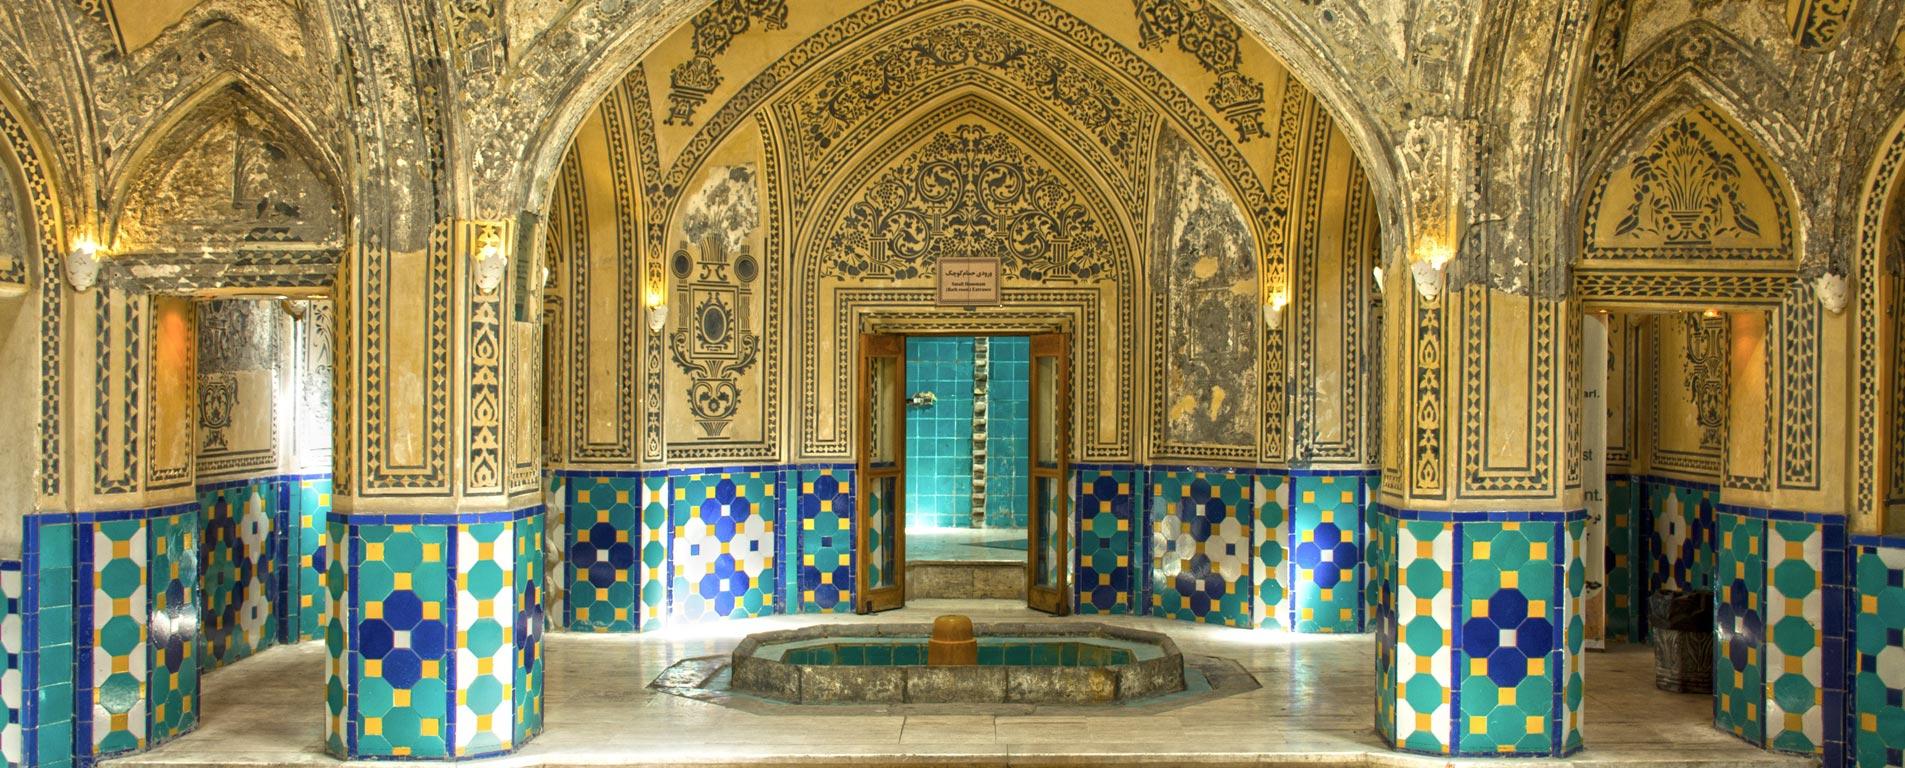 حمام سلطان امیر احمد ؛ بیهمتا در معماری و تزئینات